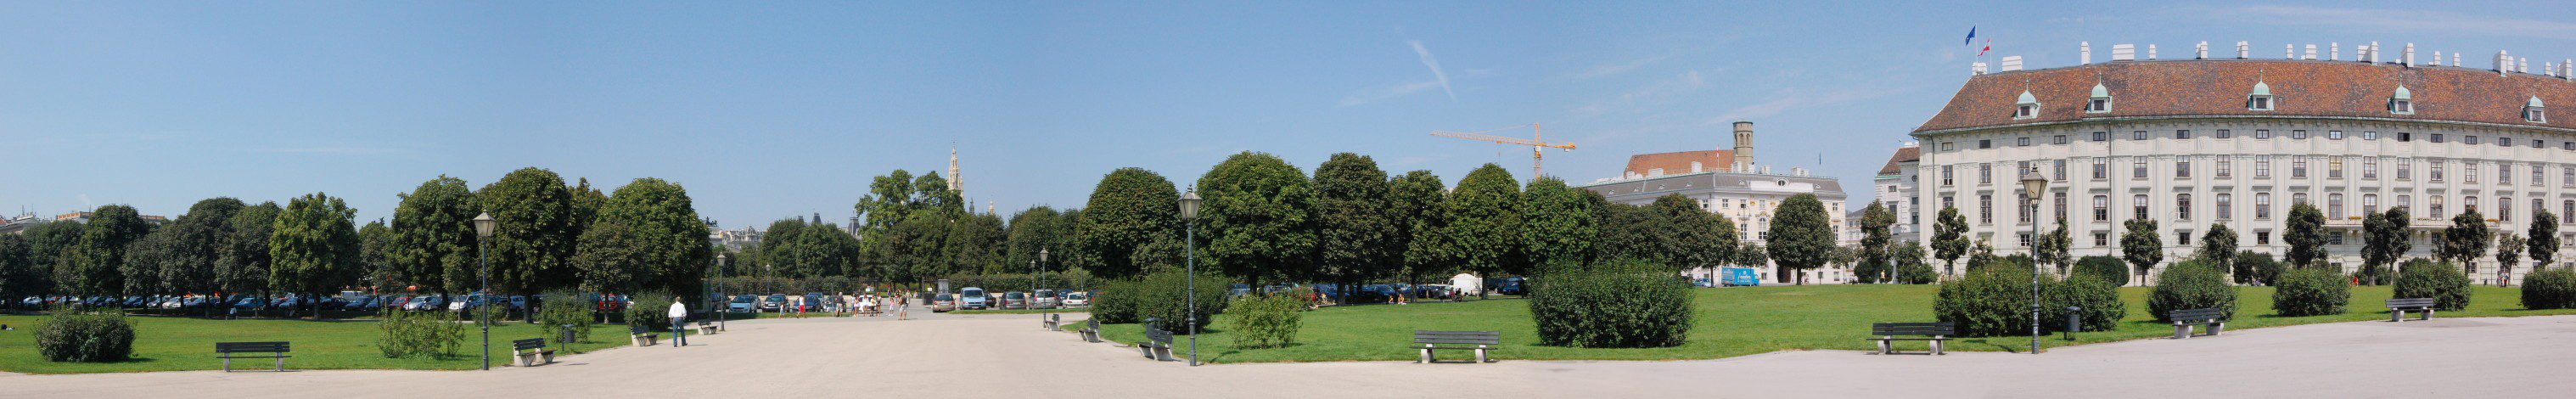 Parte izquierda de la Heldenplatz